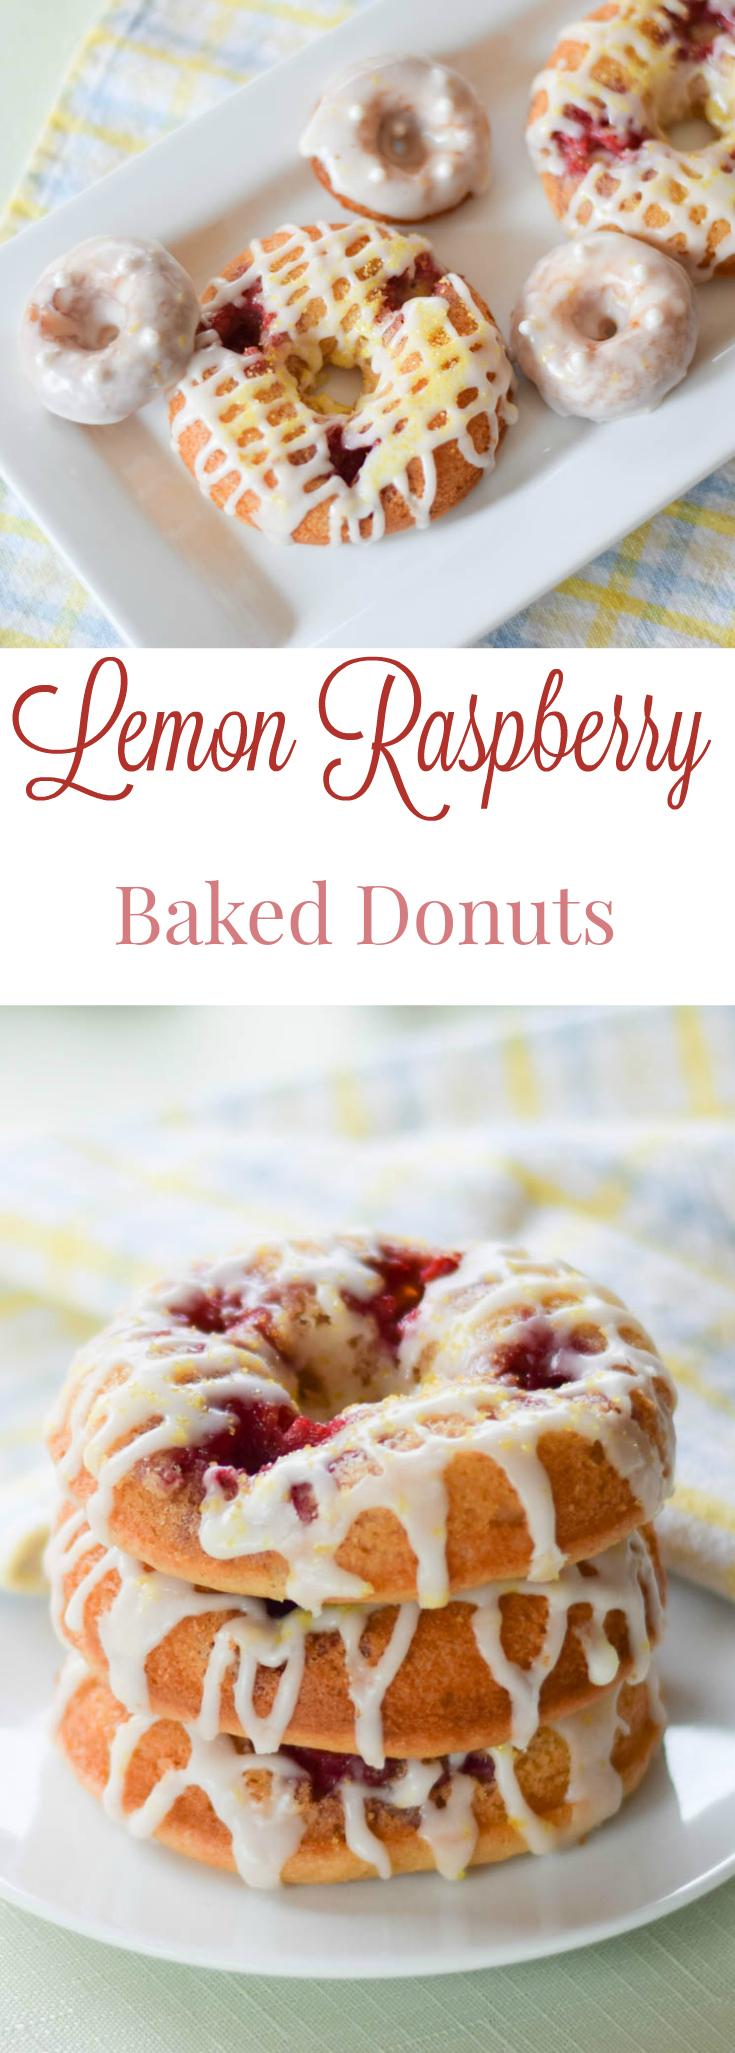 Raspberry Lemon Baked Donuts